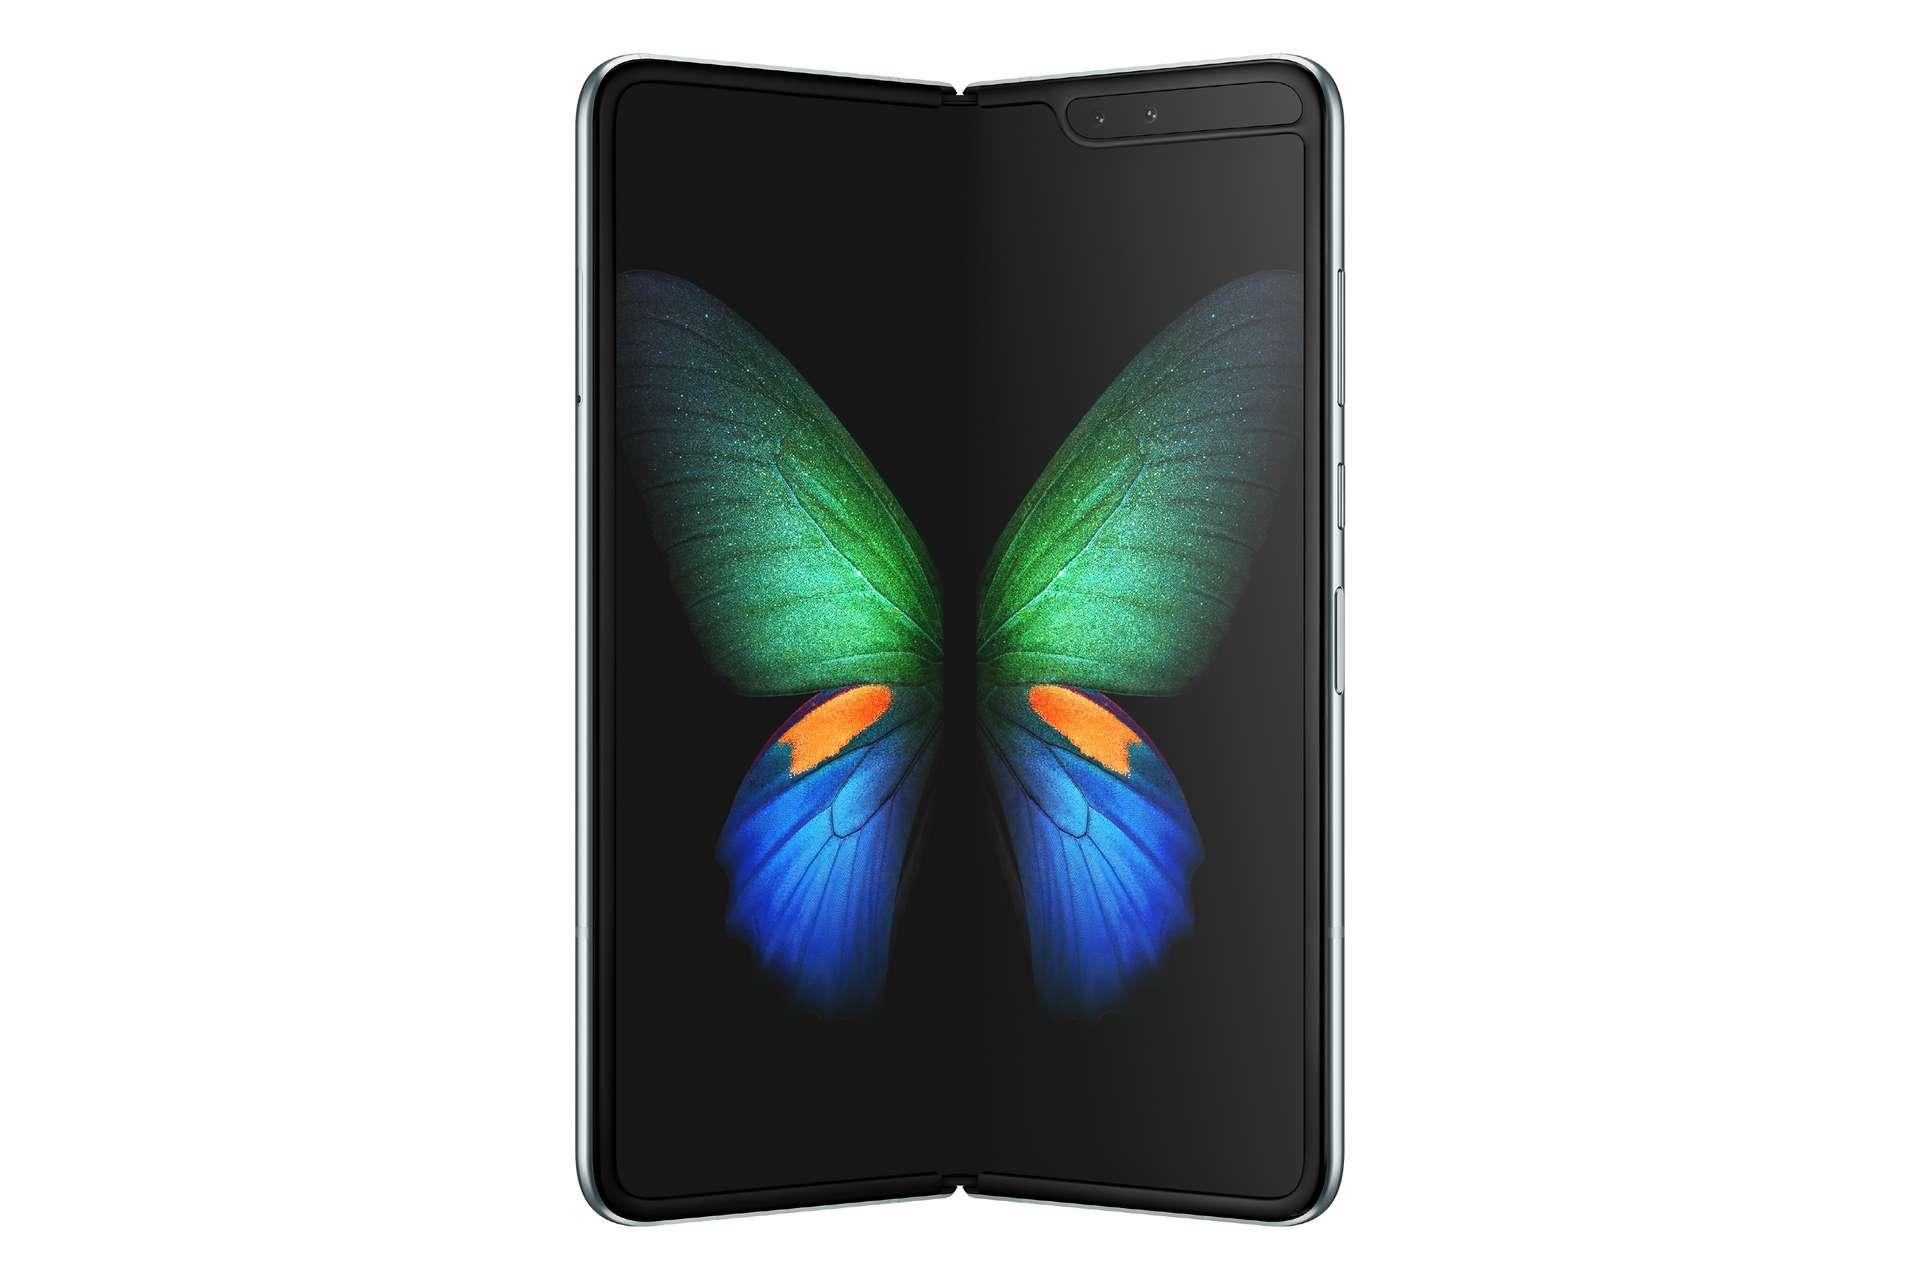 Le lancement du smartphone à écran pliable Samsung Galaxy Fold a été repoussé au-delà du mois de juin. © Samsung